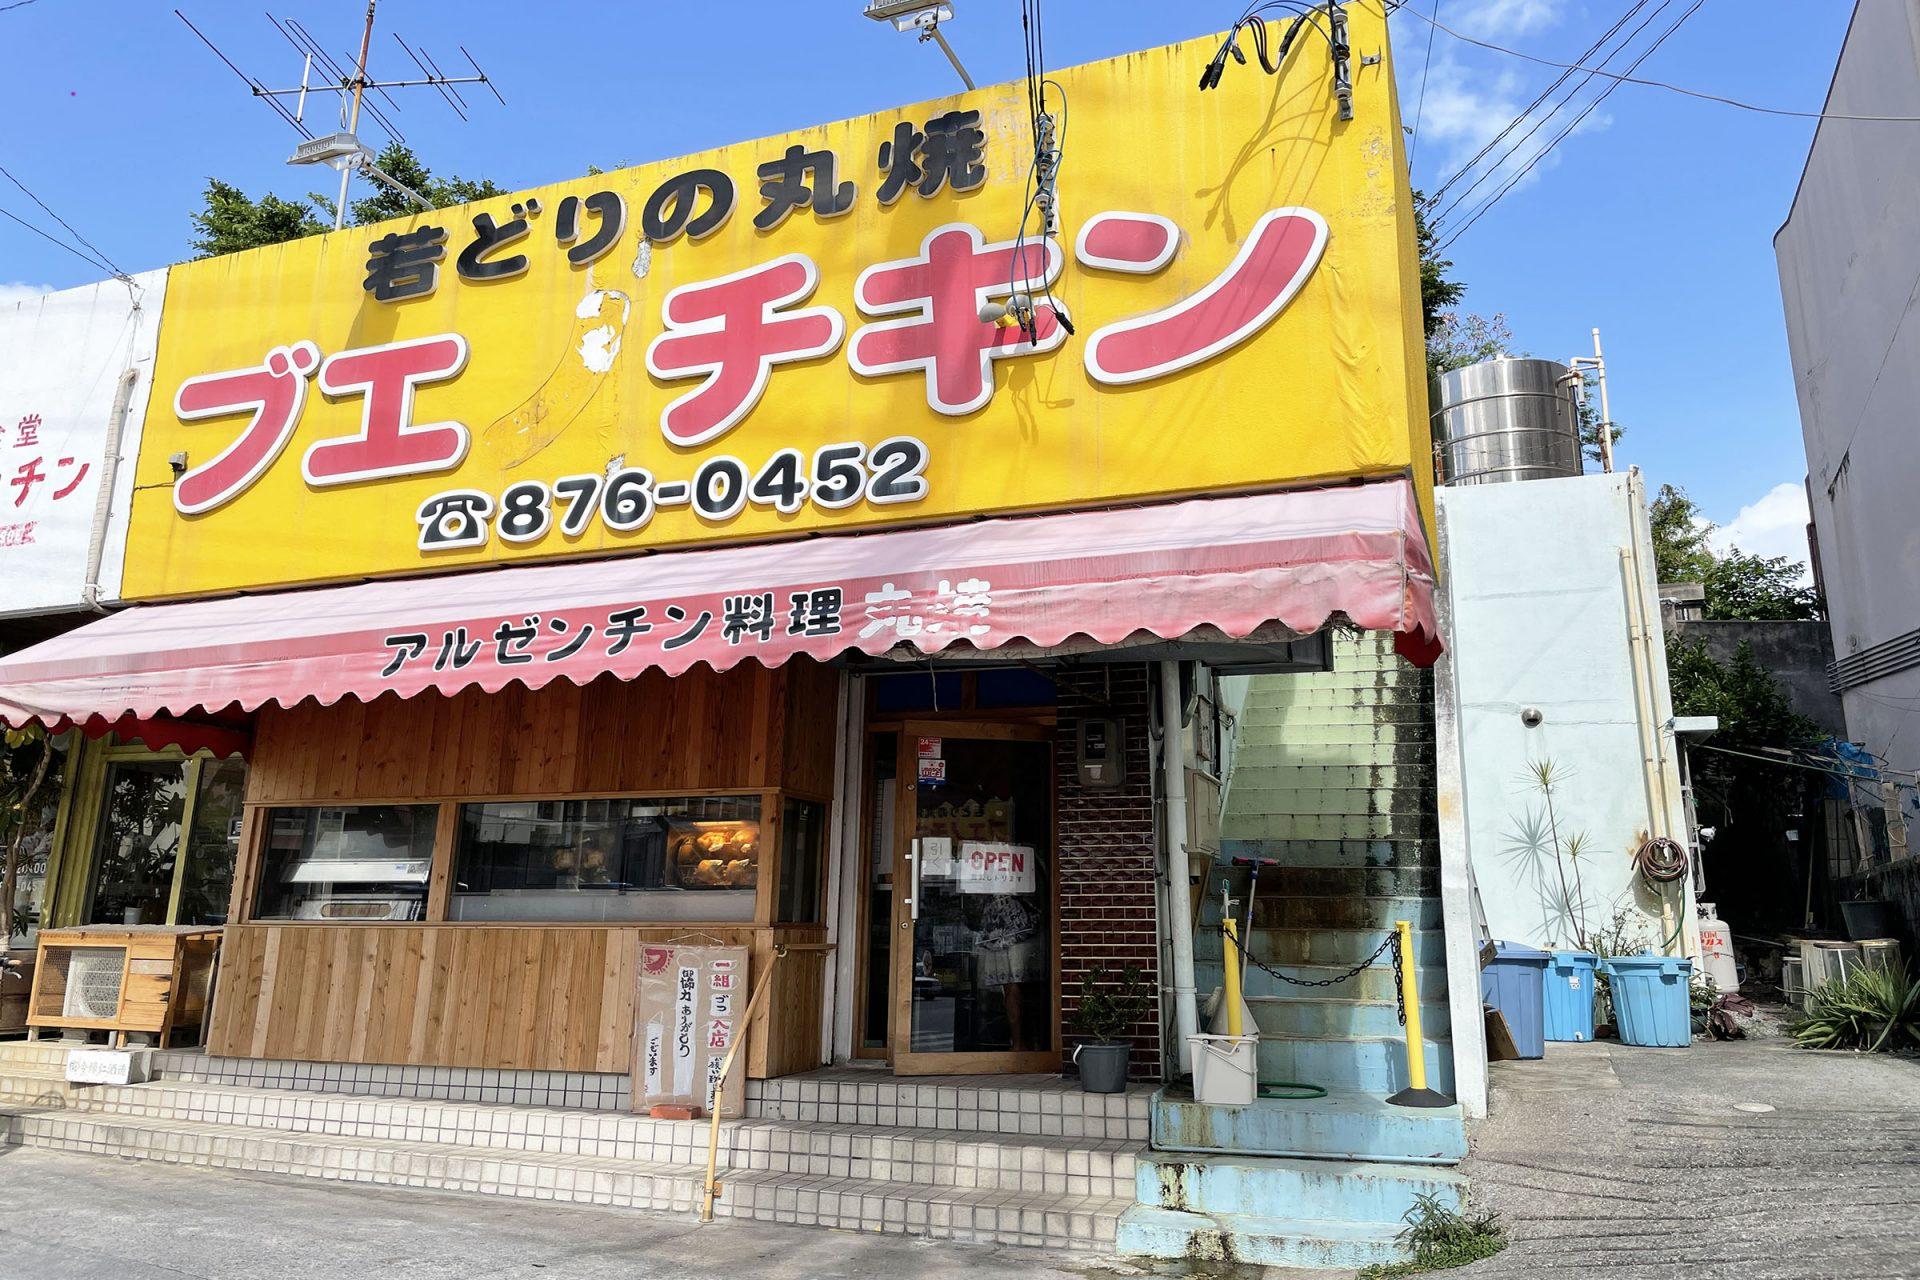 にんにくたっぷり!沖縄県産若鶏の丸焼き「ブエノチキン」